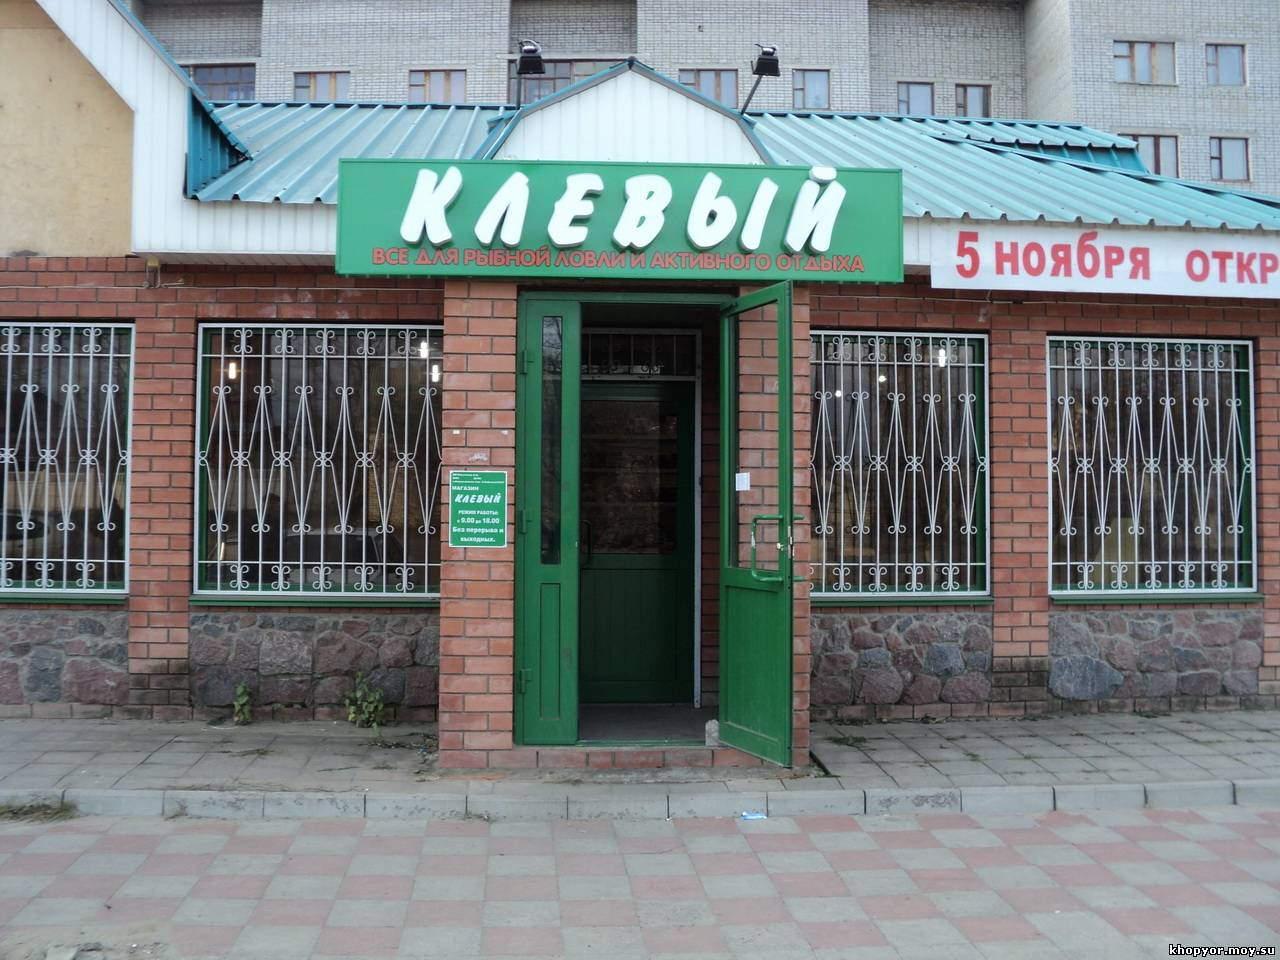 магазин рыболов в киржаче